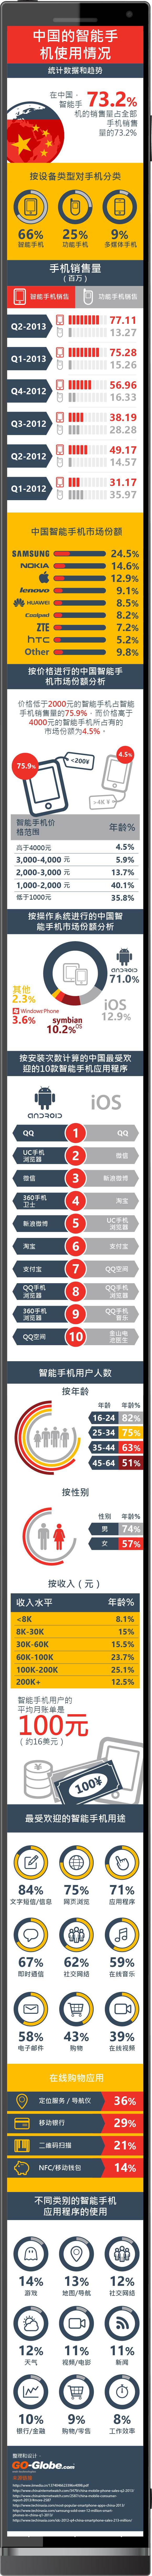 中国的智能手机使用情况 —— 统计数据和趋势